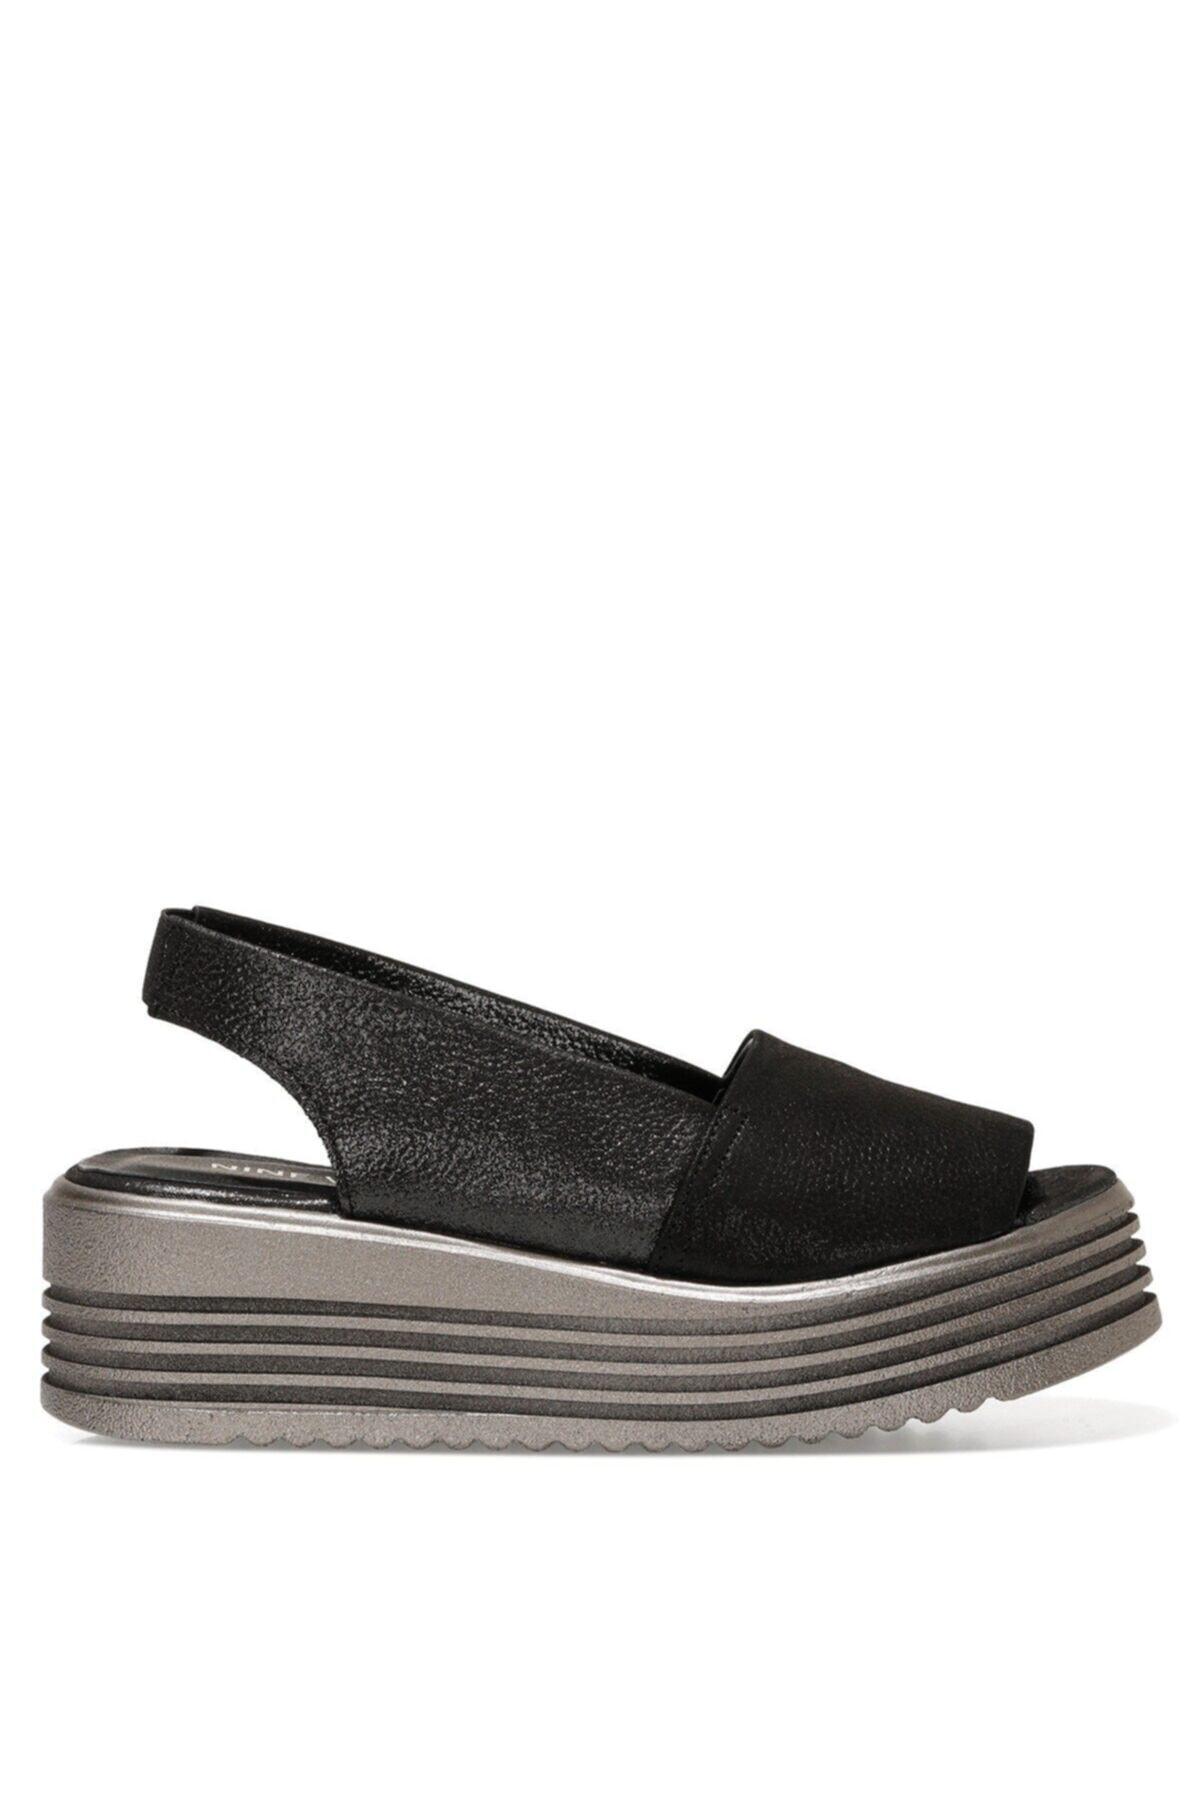 MORENA2 1FX Siyah Kadın Dolgu Topuklu Sandalet 101026623